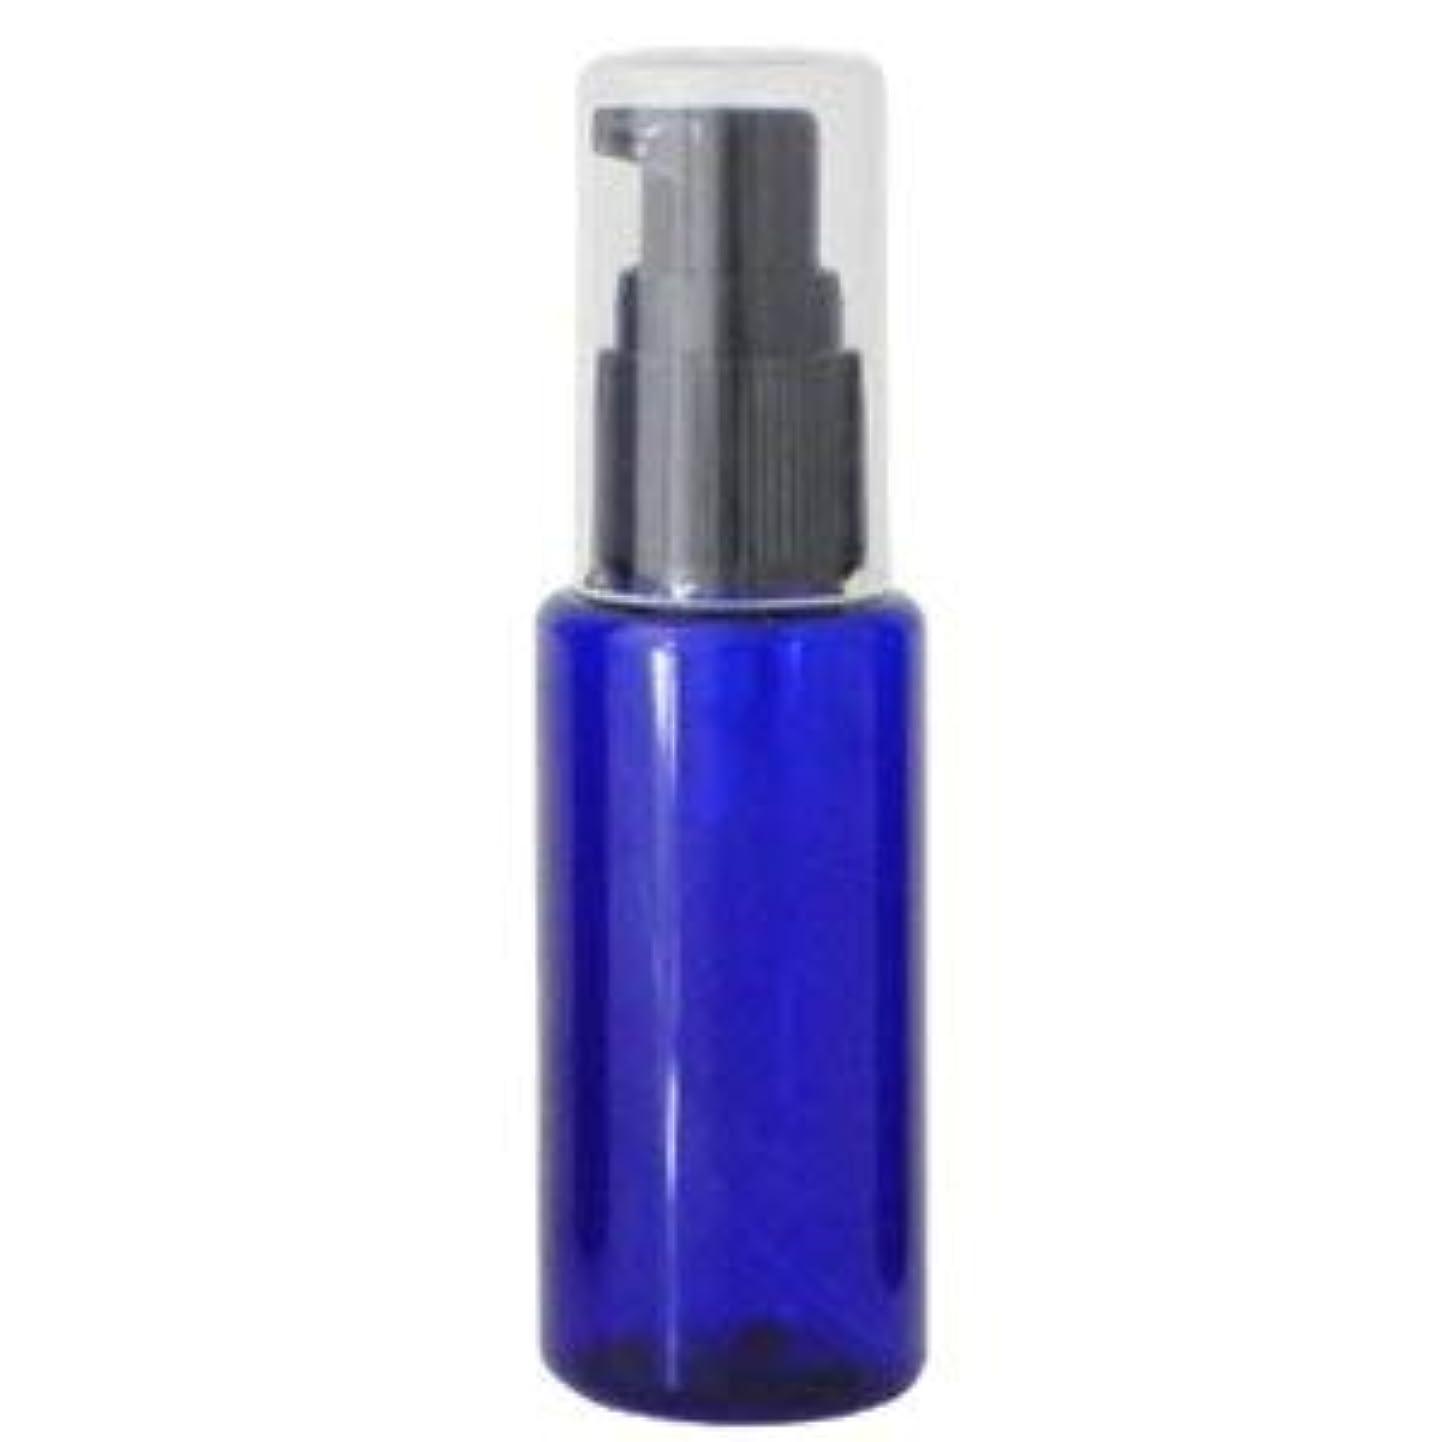 なぜぬれた永久PETボトル ポンプ コバルトブルー (青) 50ml